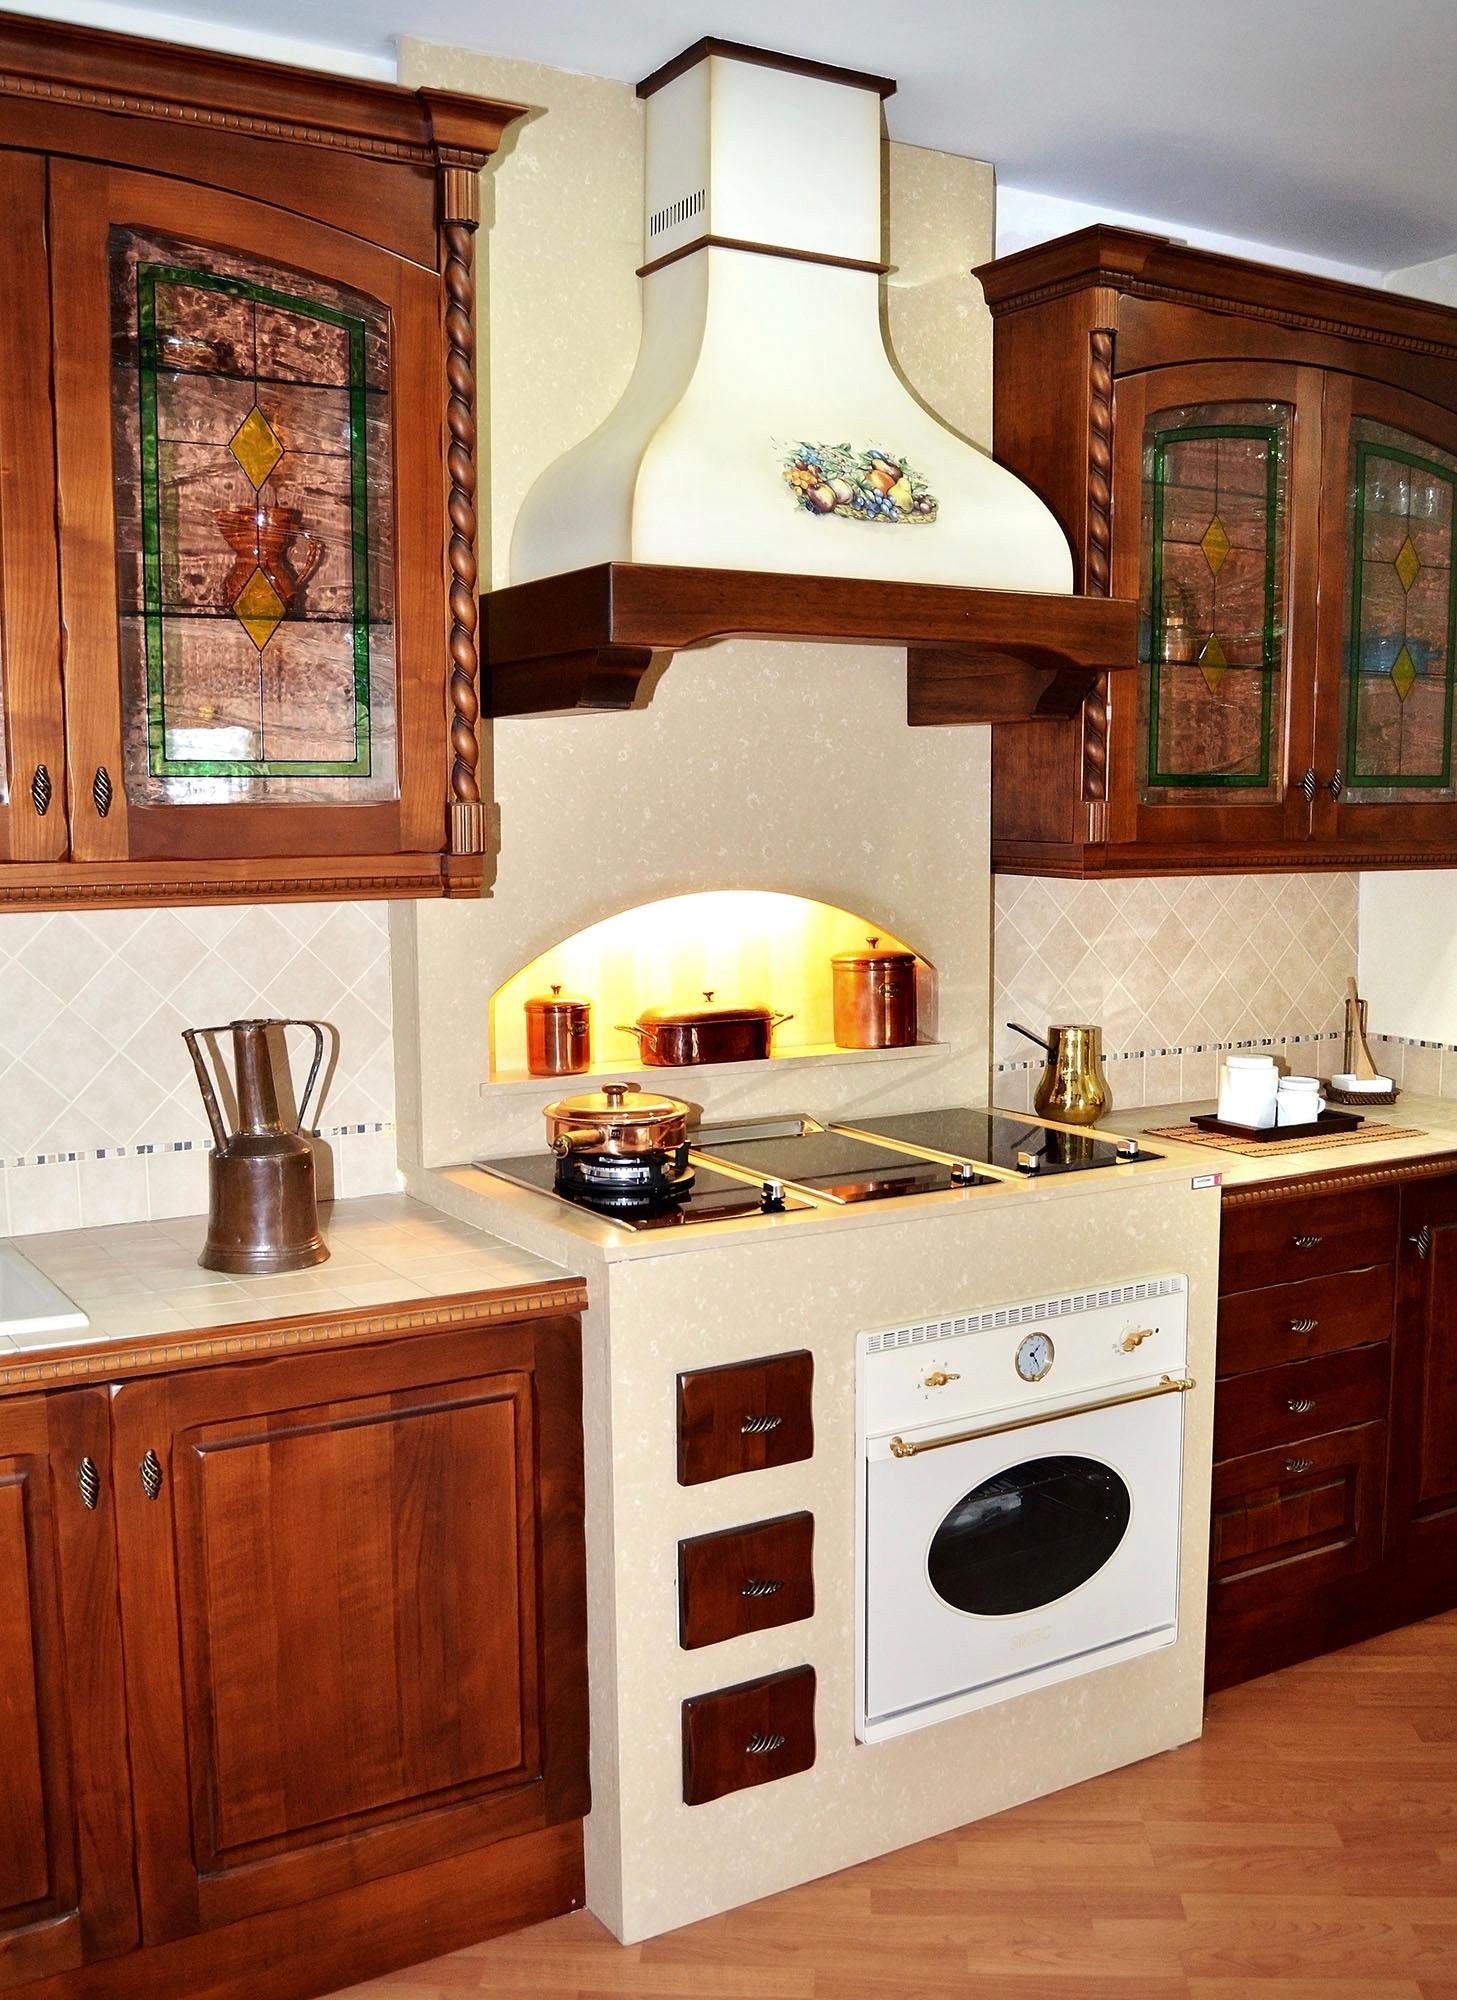 Nuestras cocinas premium10 josman hermanos tienda de for Cocinas santander